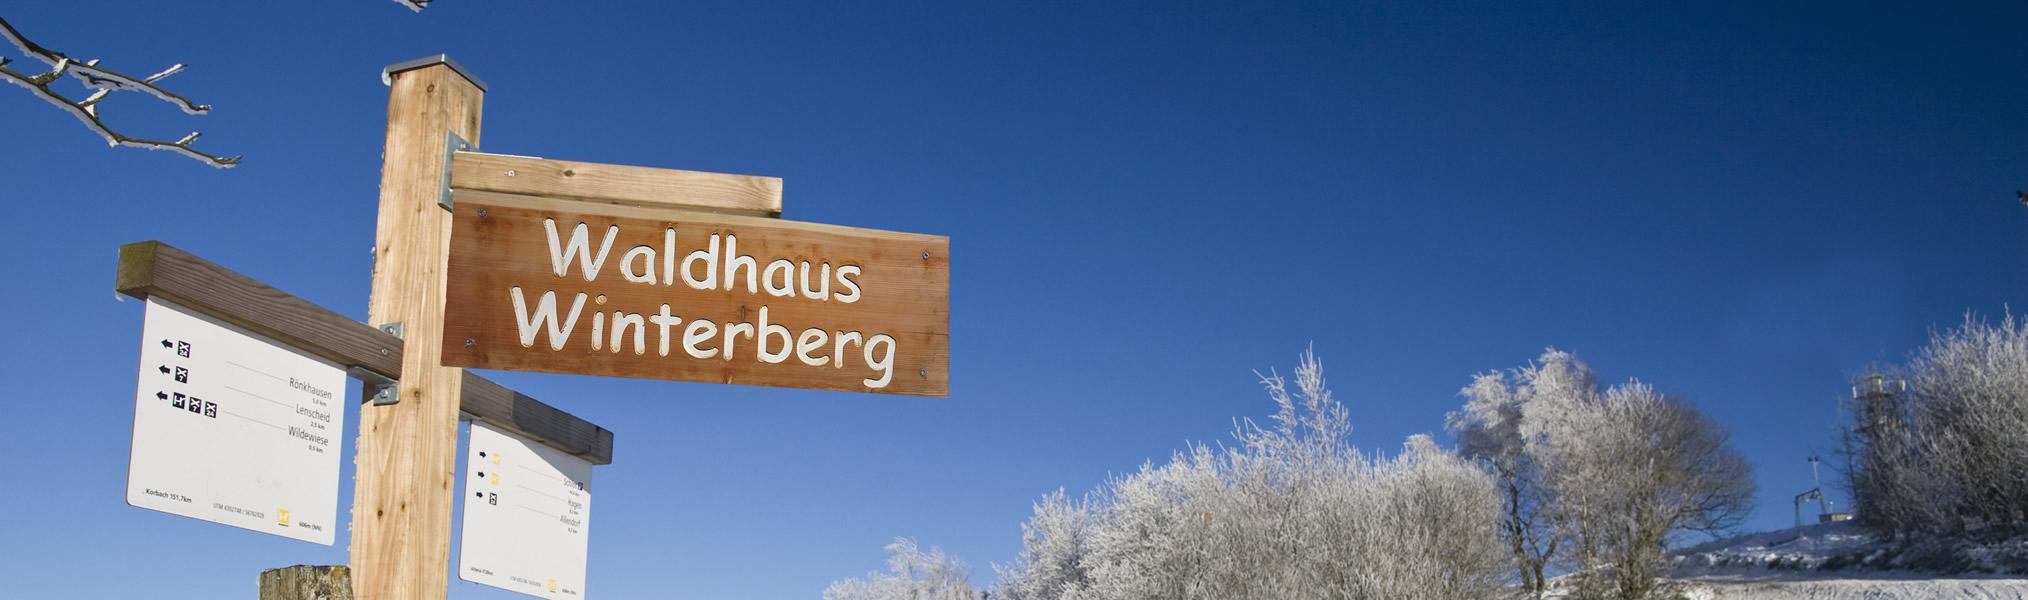 Ongekend Vakantiehuis Waldhaus Winterberg | Middenin de natuur aan de IG-12